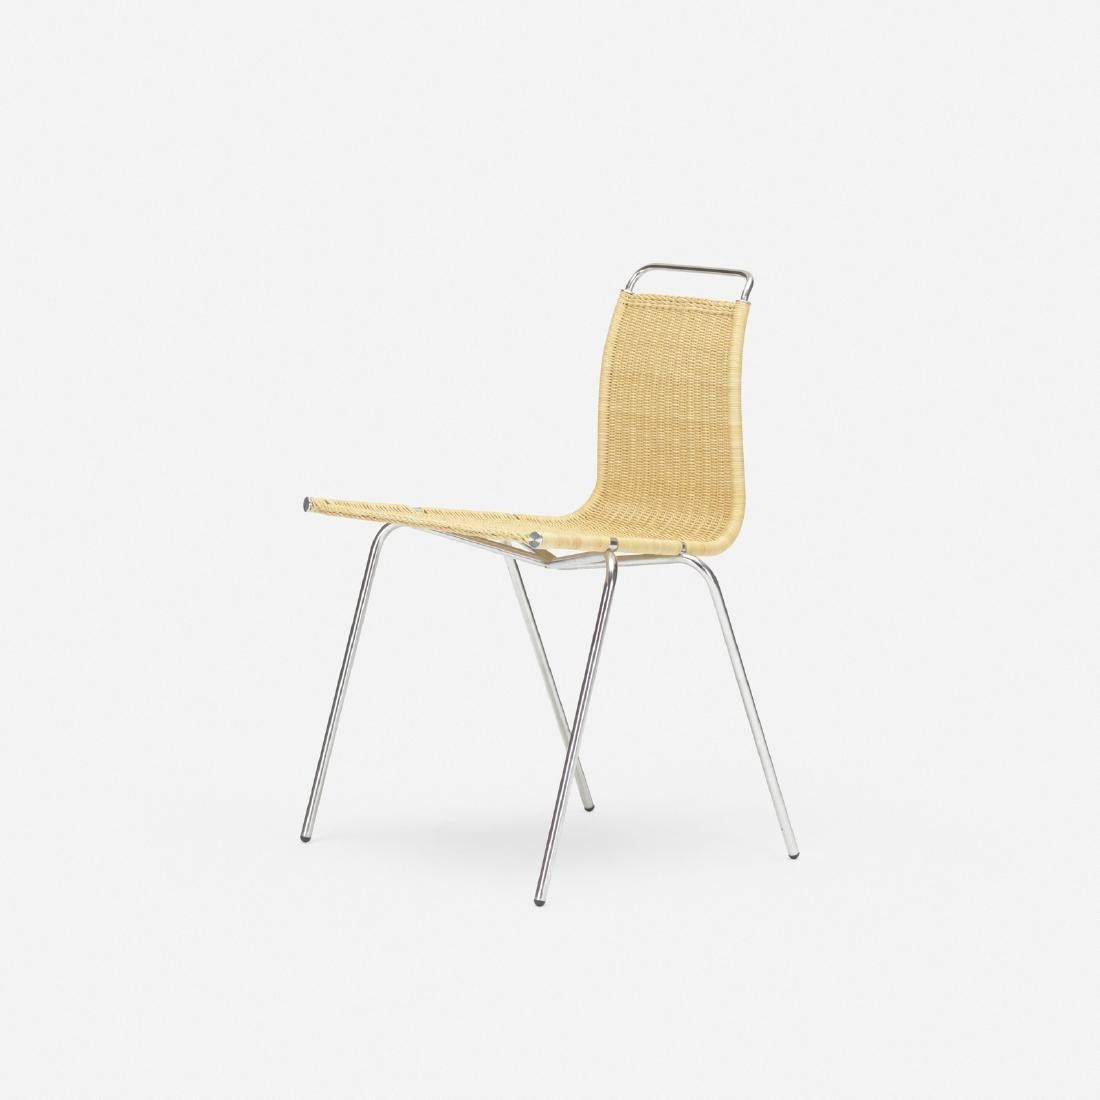 Poul Kjaerholm Pk 1 Chair